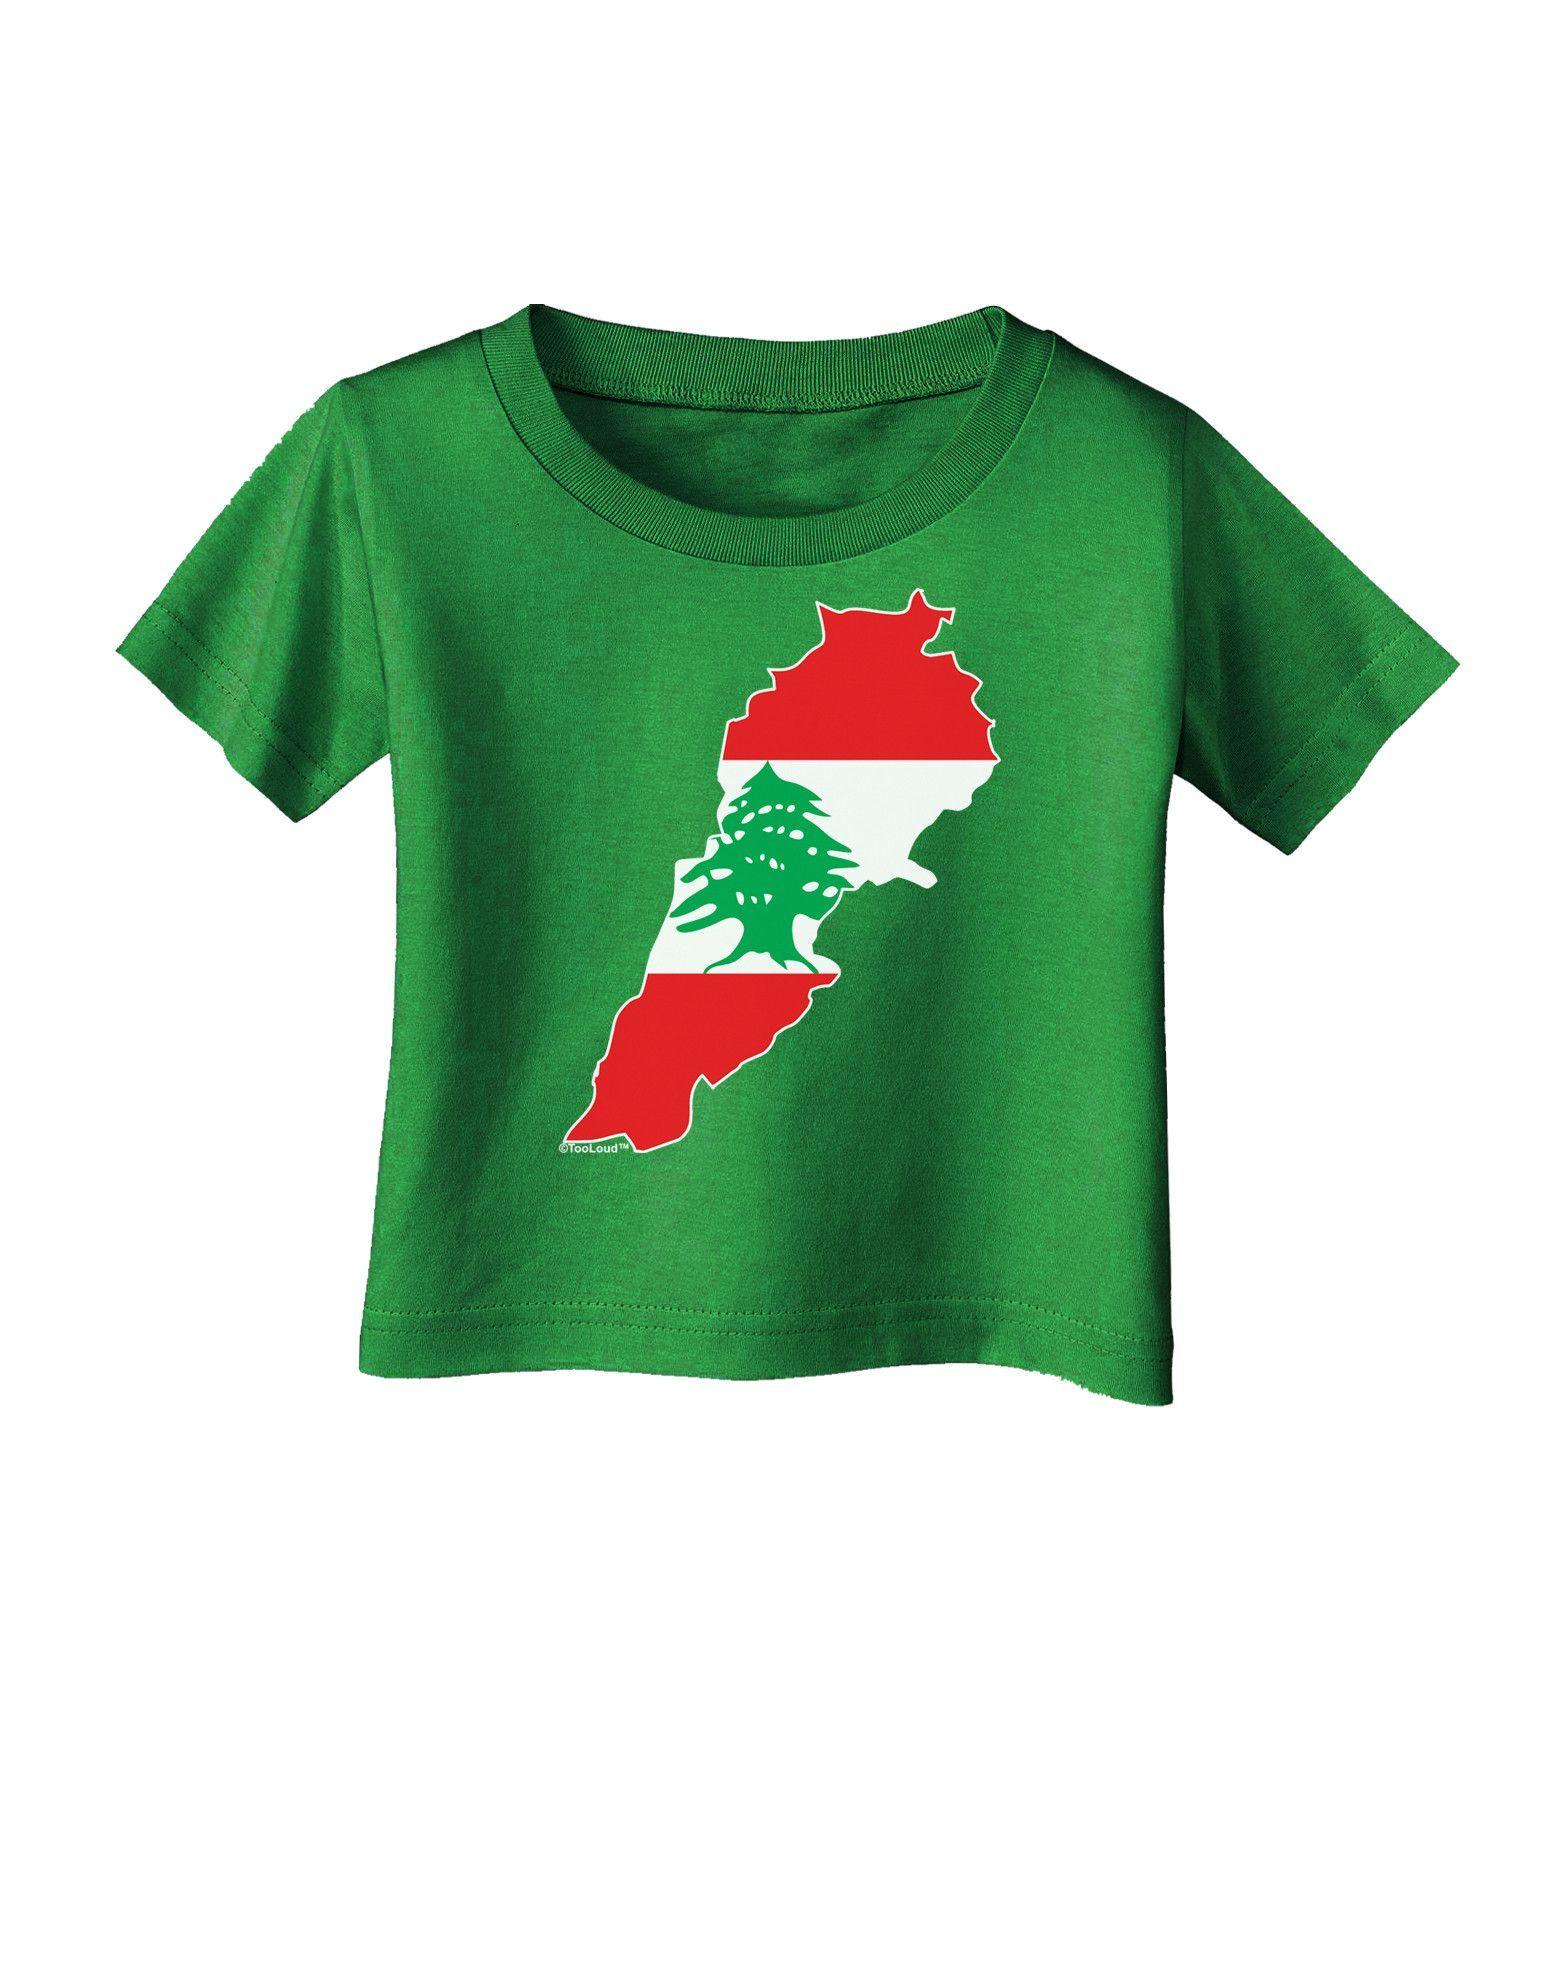 1550x1978 Lebanon Flag Silhouette Infant T Shirt Dark Lebanon Flag, Flags